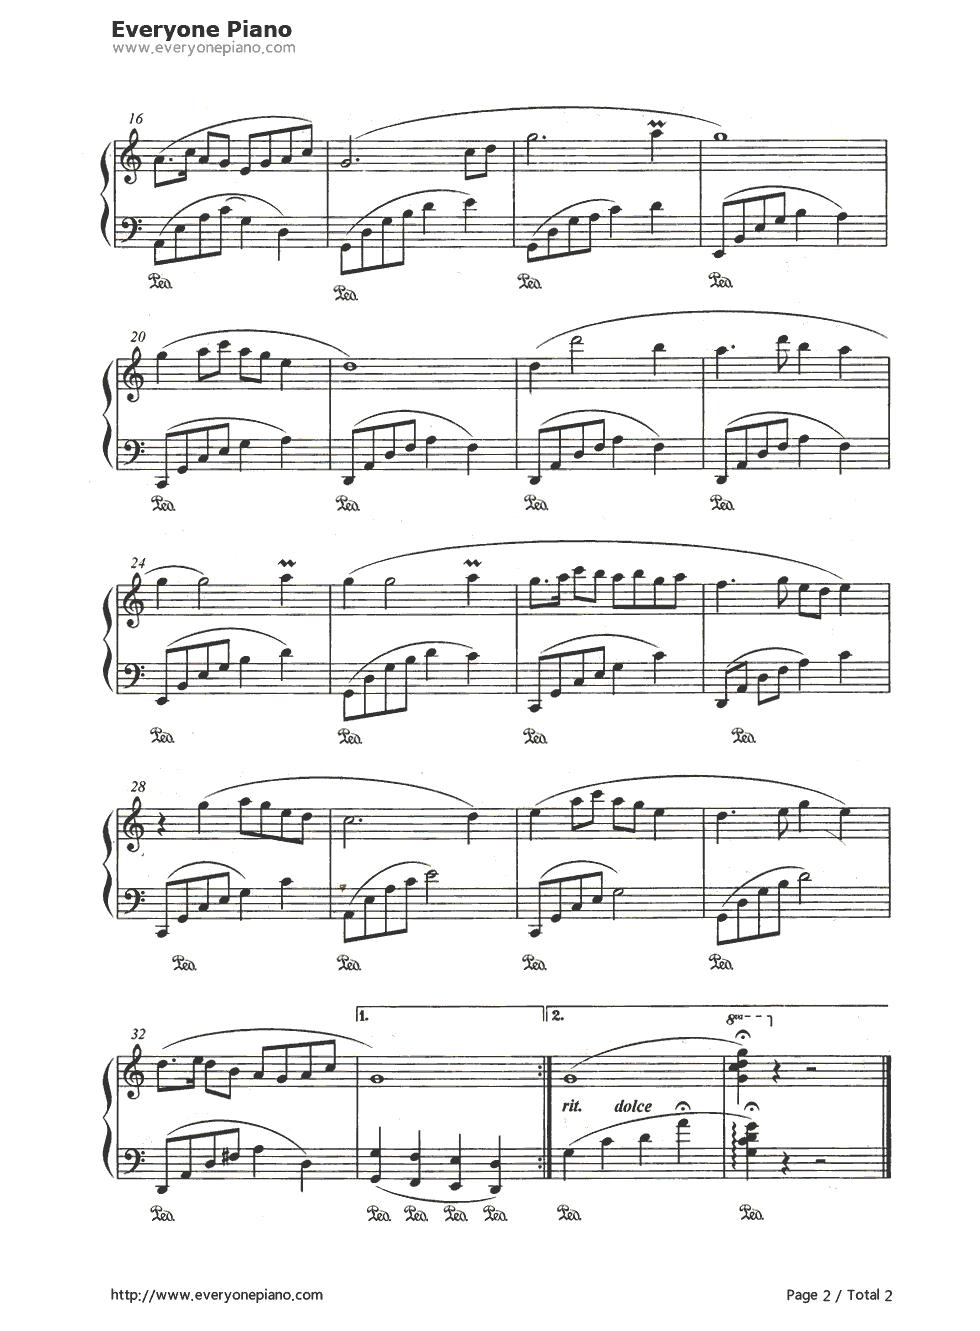 everyonepiano symphony